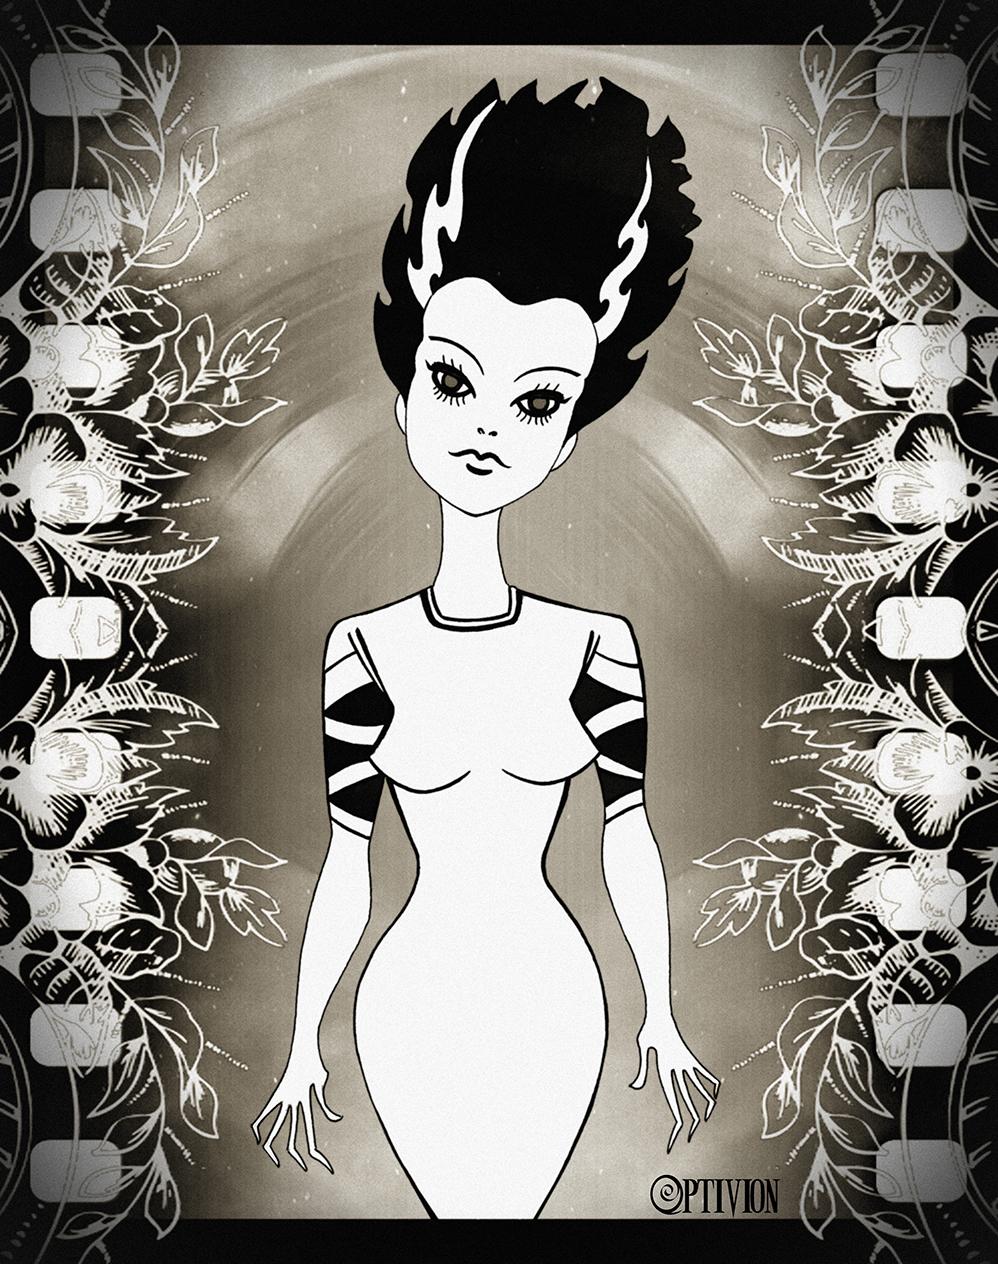 optivion - the bride of frankeisntein.jpg